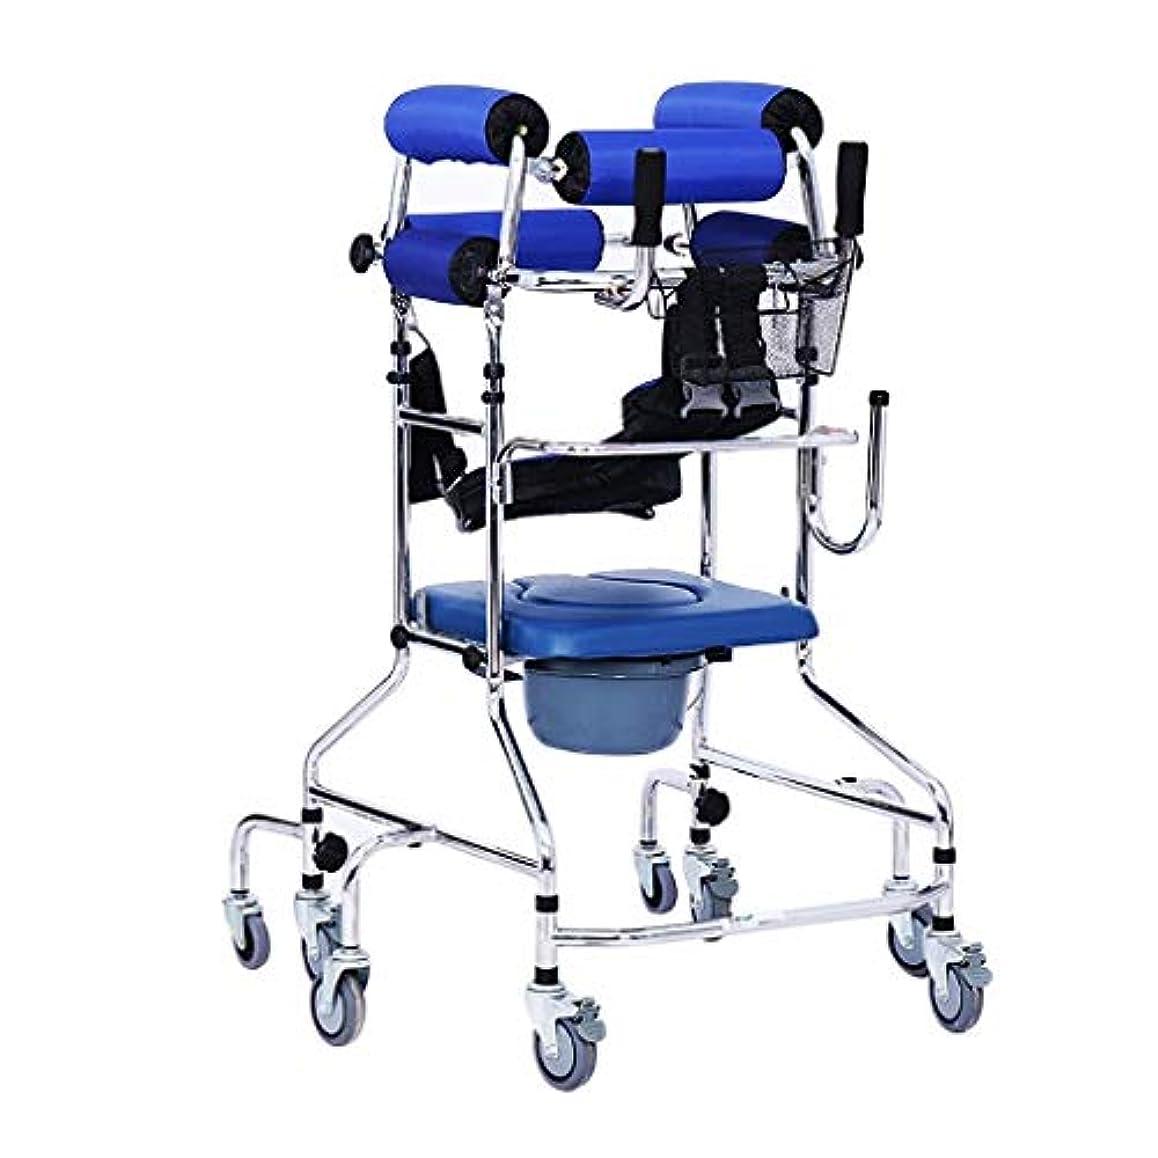 シュリンク文芸訪問BNSDMM 步行器 ウォーカー - 高齢者障害者用補助付きスタンドスクータートイレ8ラウンド - 後退防止プラストイレタイプ下肢トレーニングリハビリ機器高齢者歩行者